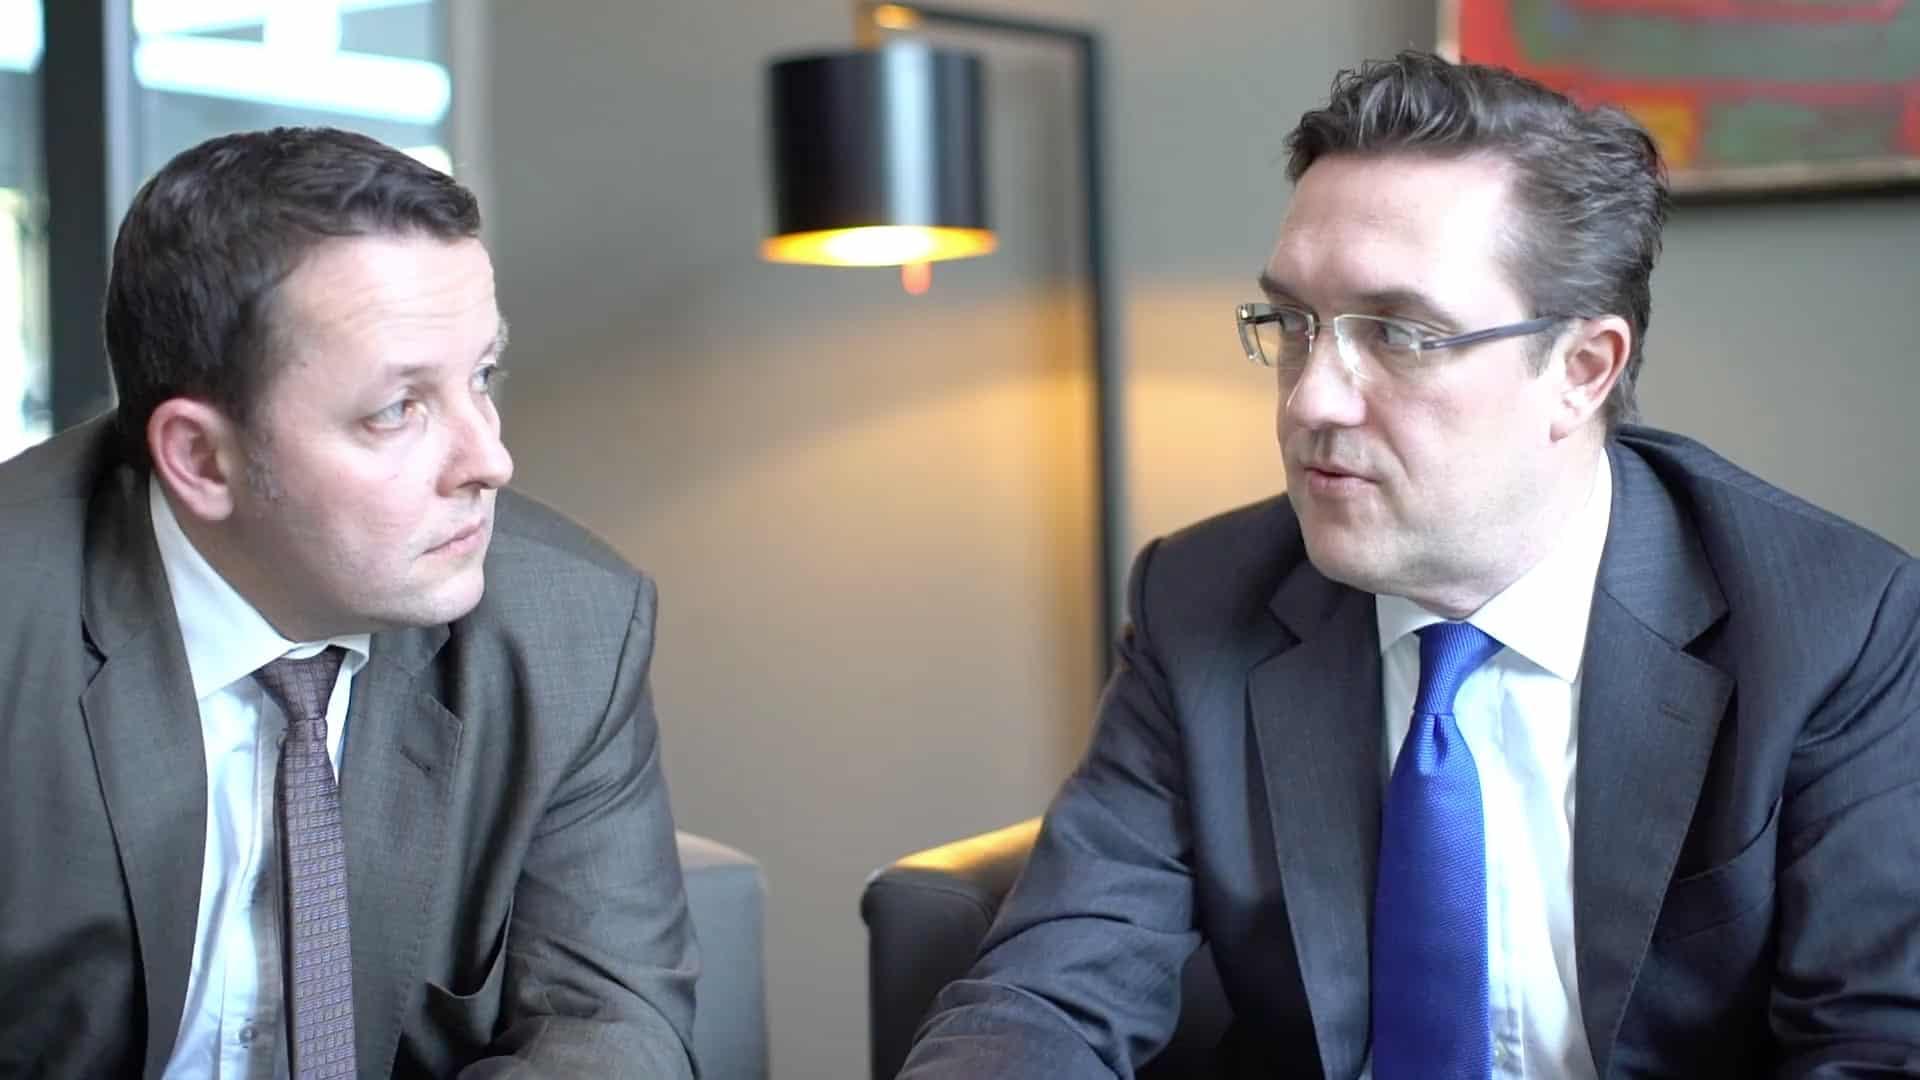 Specjaliści KERN Thomas Doerr i Ingo Claus w rozmowie